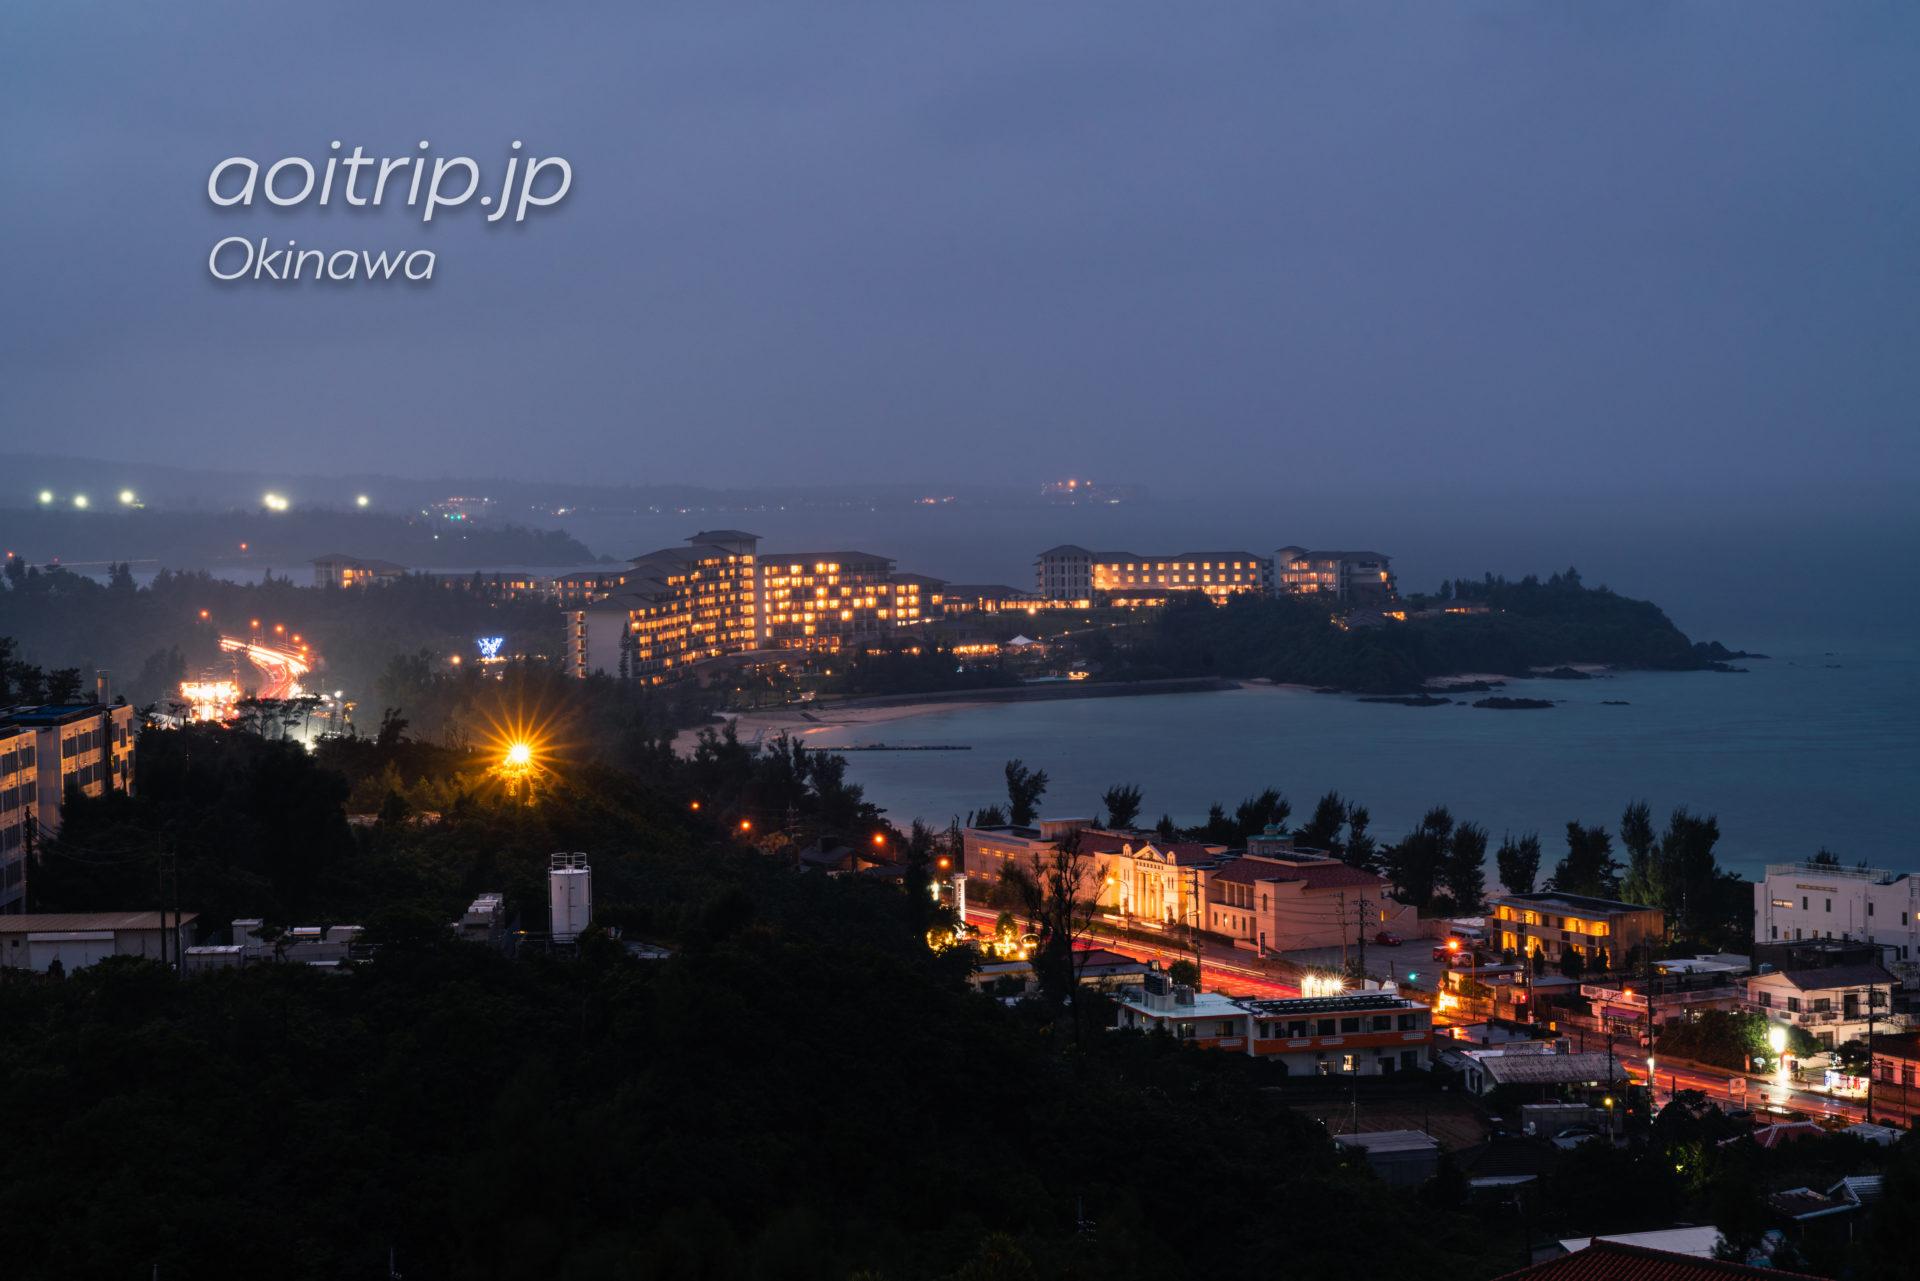 オキナワ マリオット リゾート & スパから望む夜景 ハレクラニ